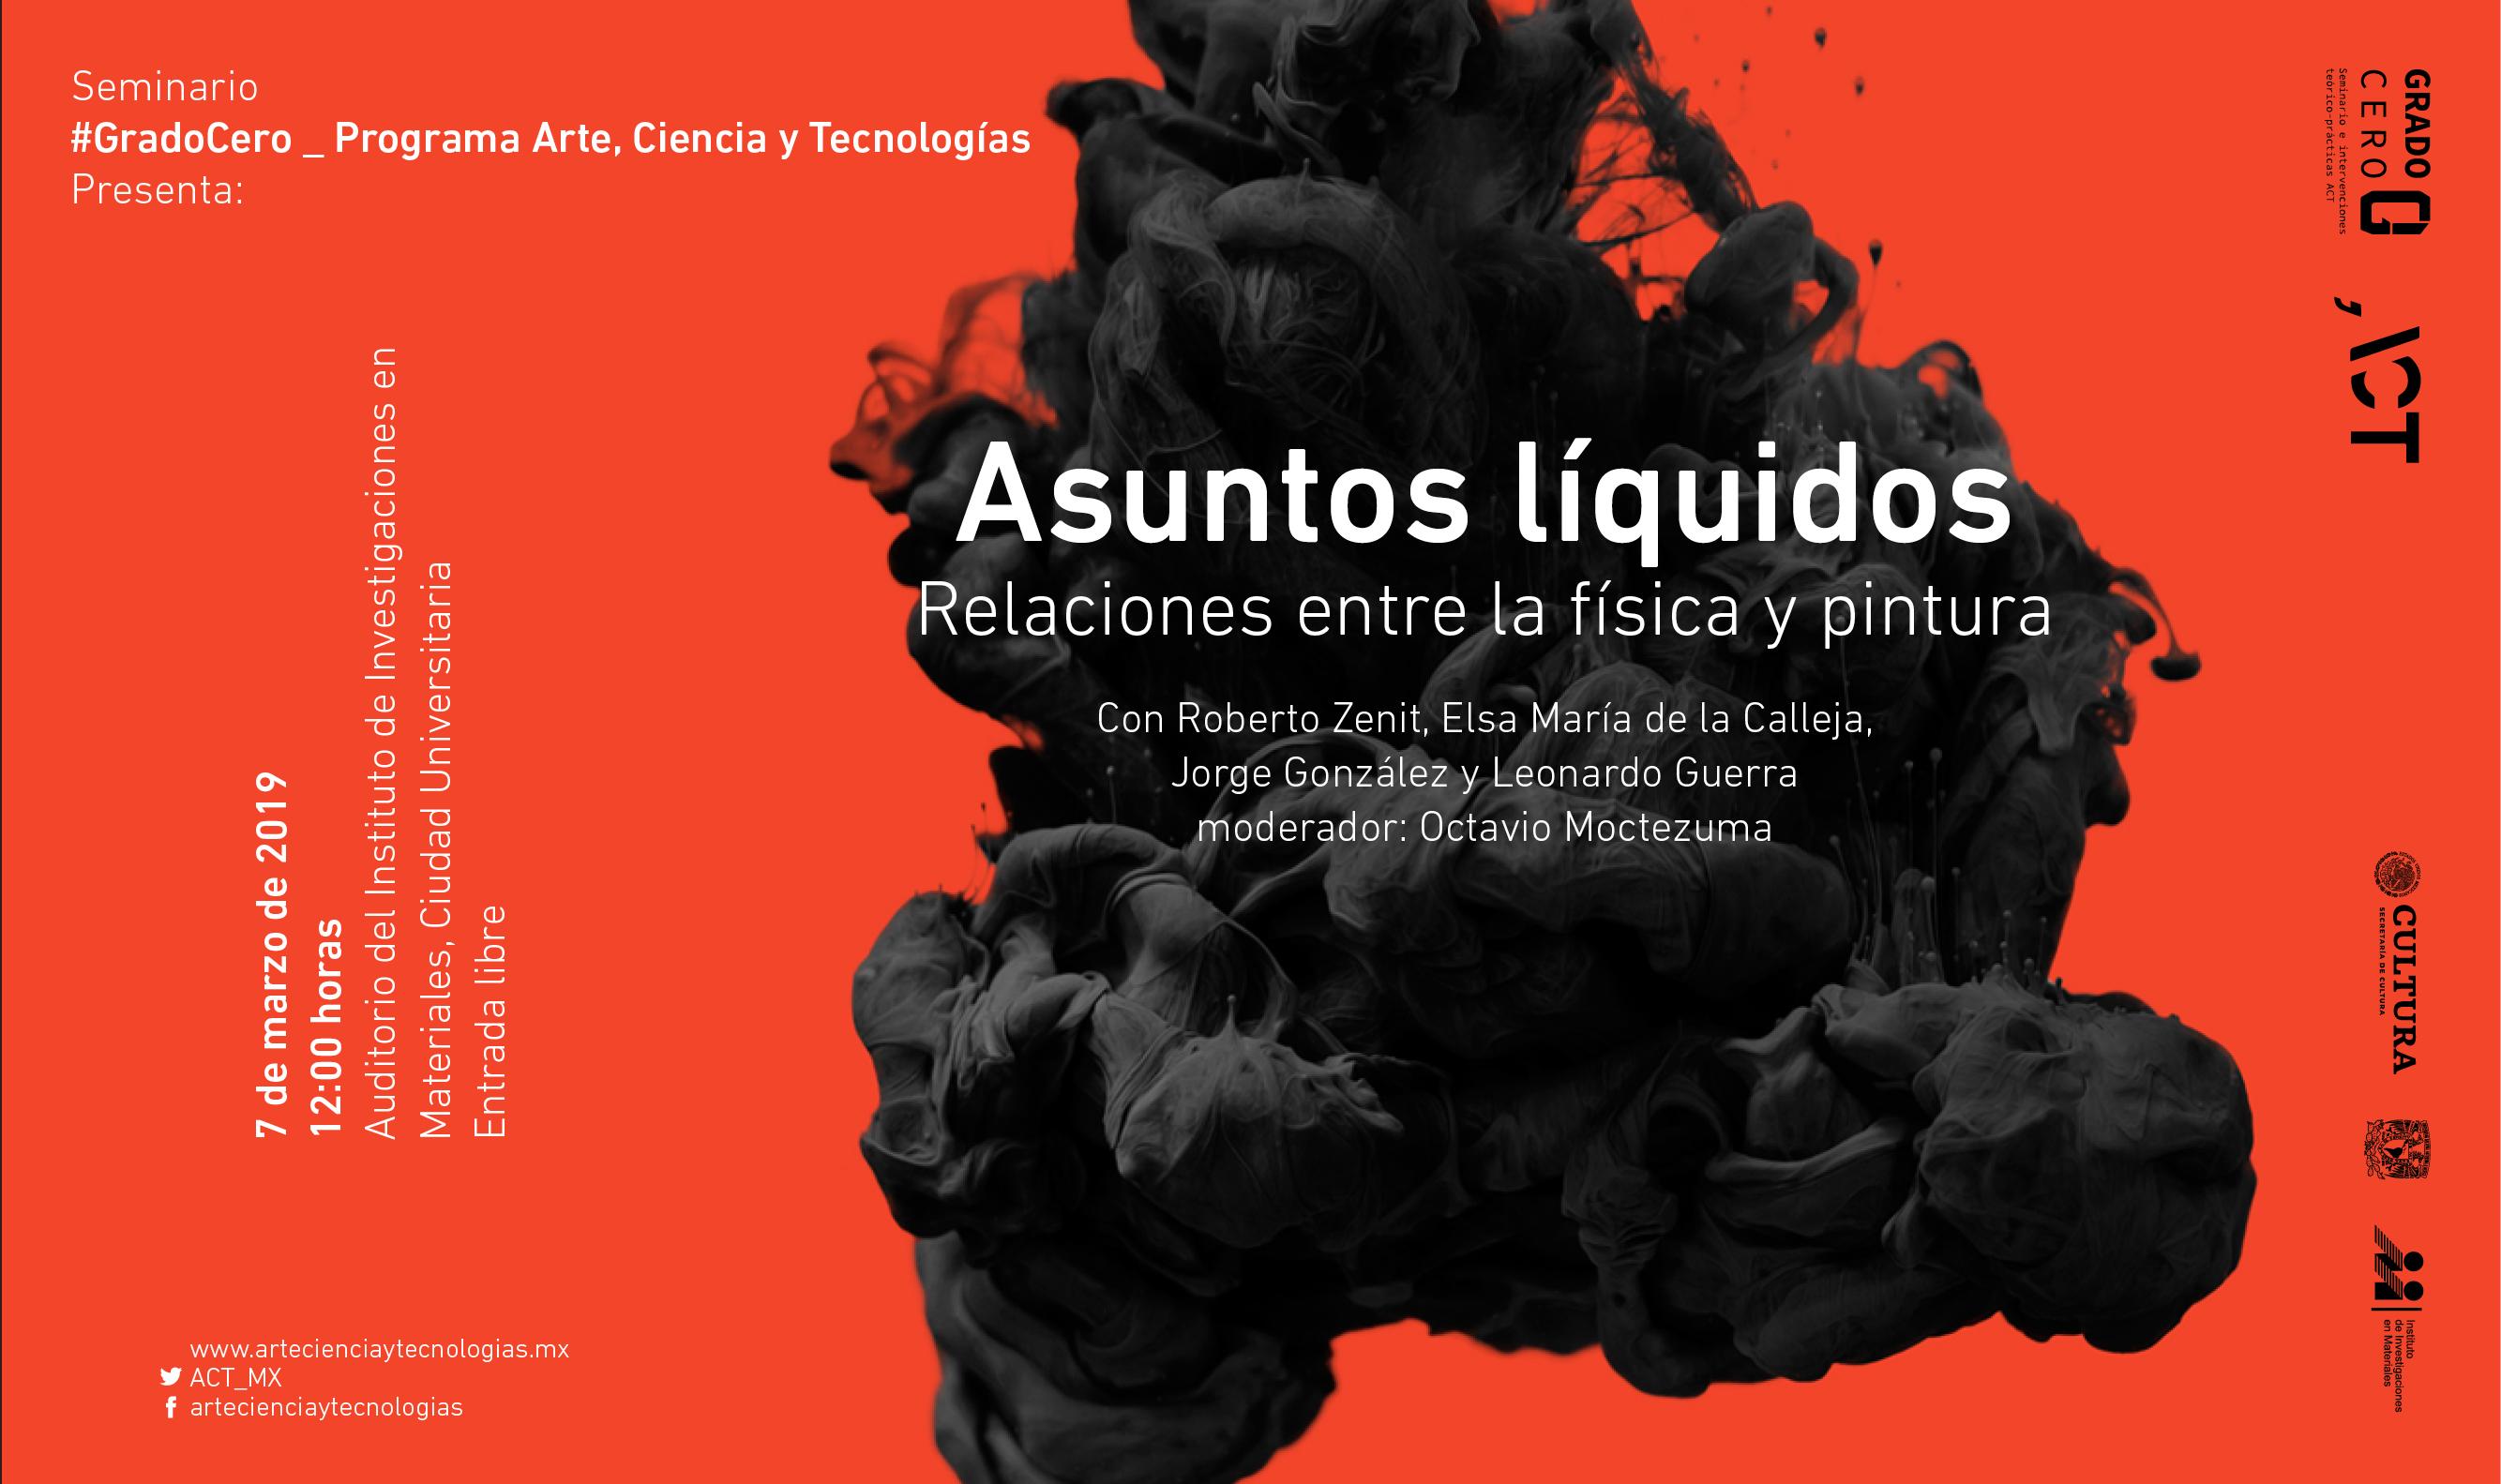 Grado Cero: Asuntos líquidos: relaciones entre la física y la pintura